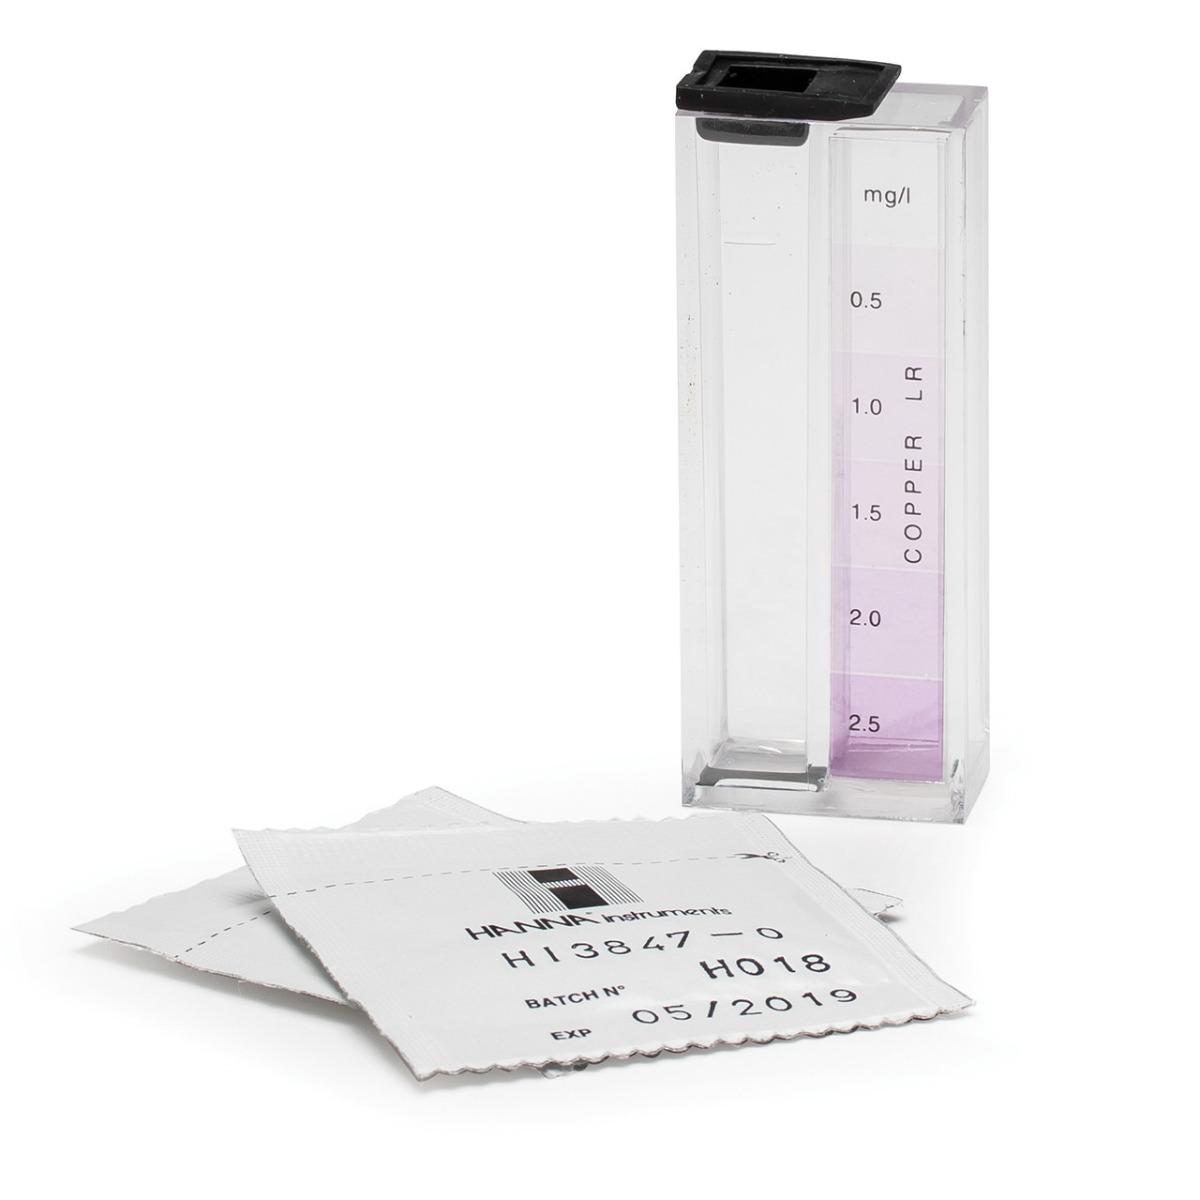 Kit Químico de Pruebas para Cobre - HI3847